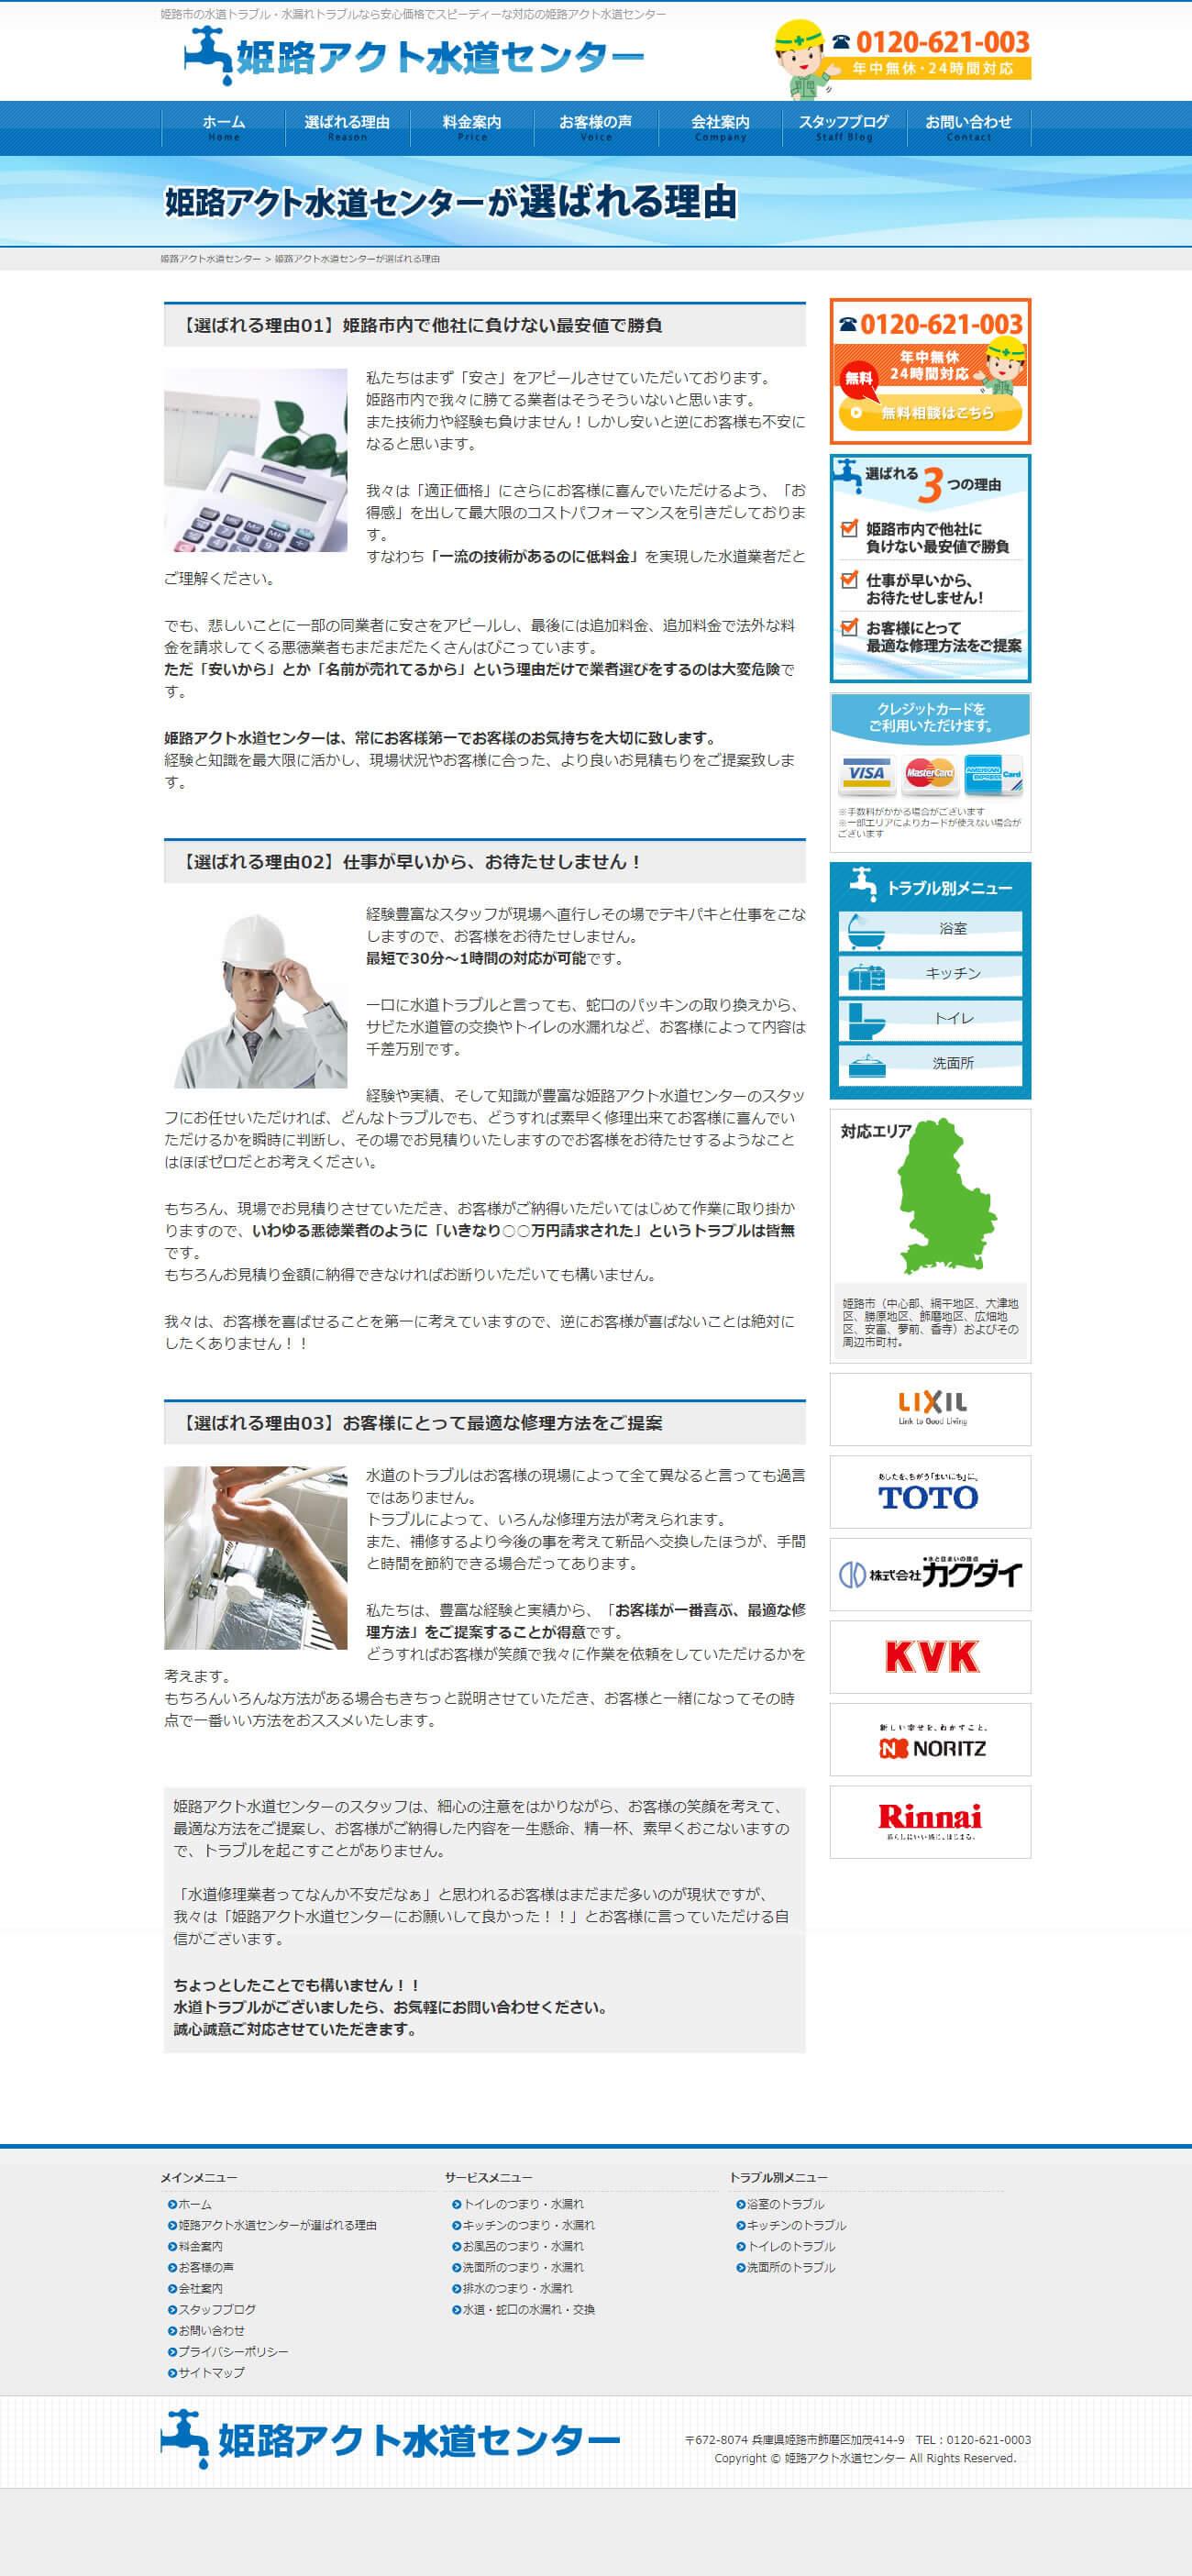 姫路市 株式会社ライフテックサービス様 姫路アクト水道センターホームページ制作2